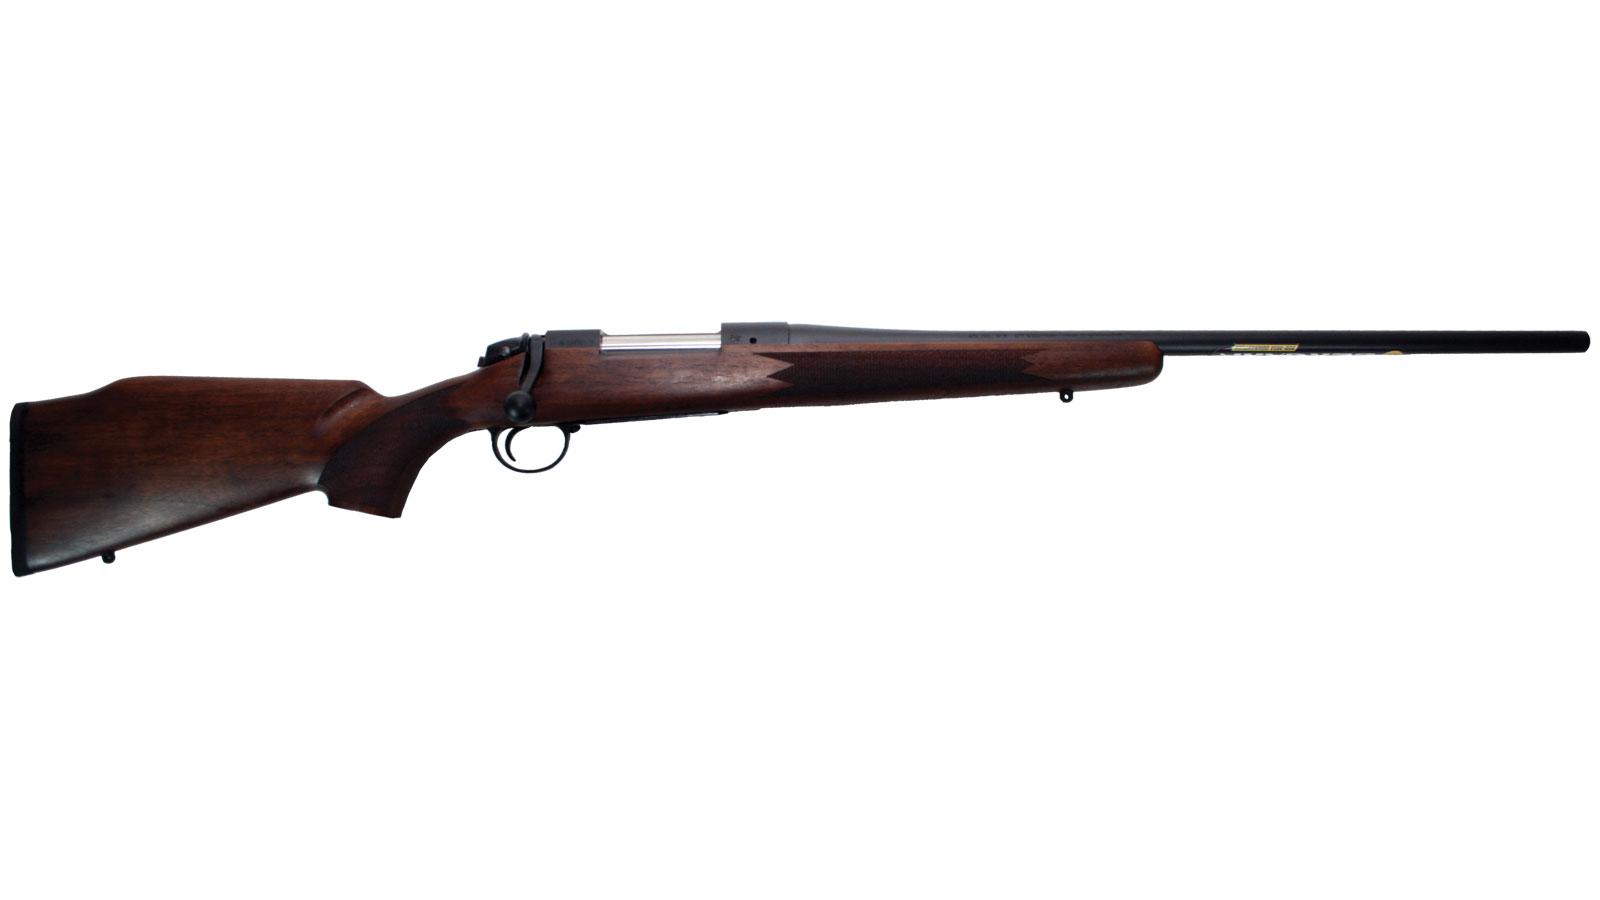 Bergara Rifles B14L002 B-14 Timber Bolt 270 Winchester 24 4+1 Walnut Stk Blued in.